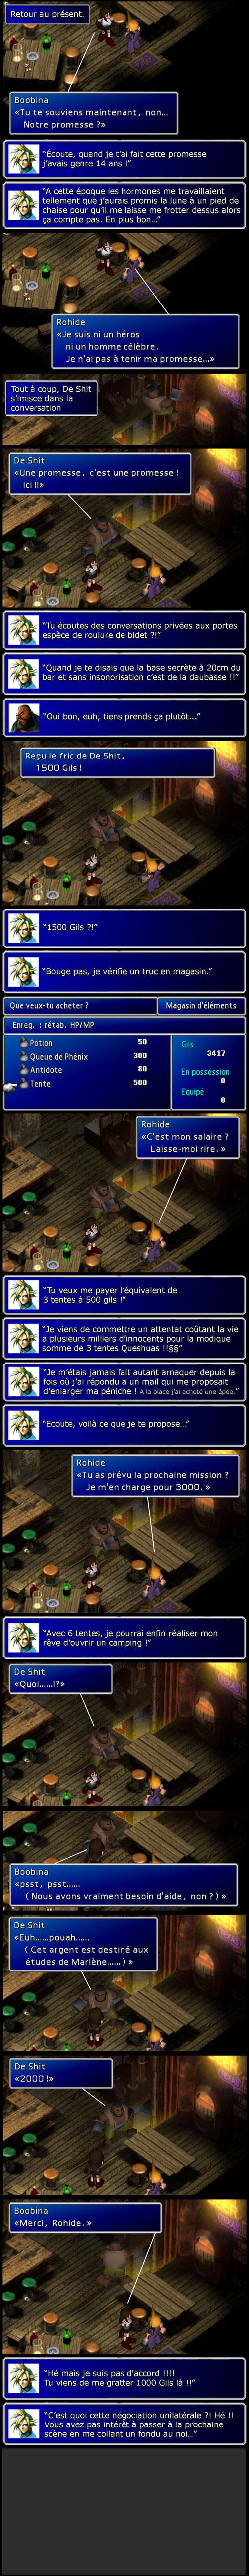 Final fantasy 7 : Négociation pécuniaire entre Cloud et Barret, cette radasse !